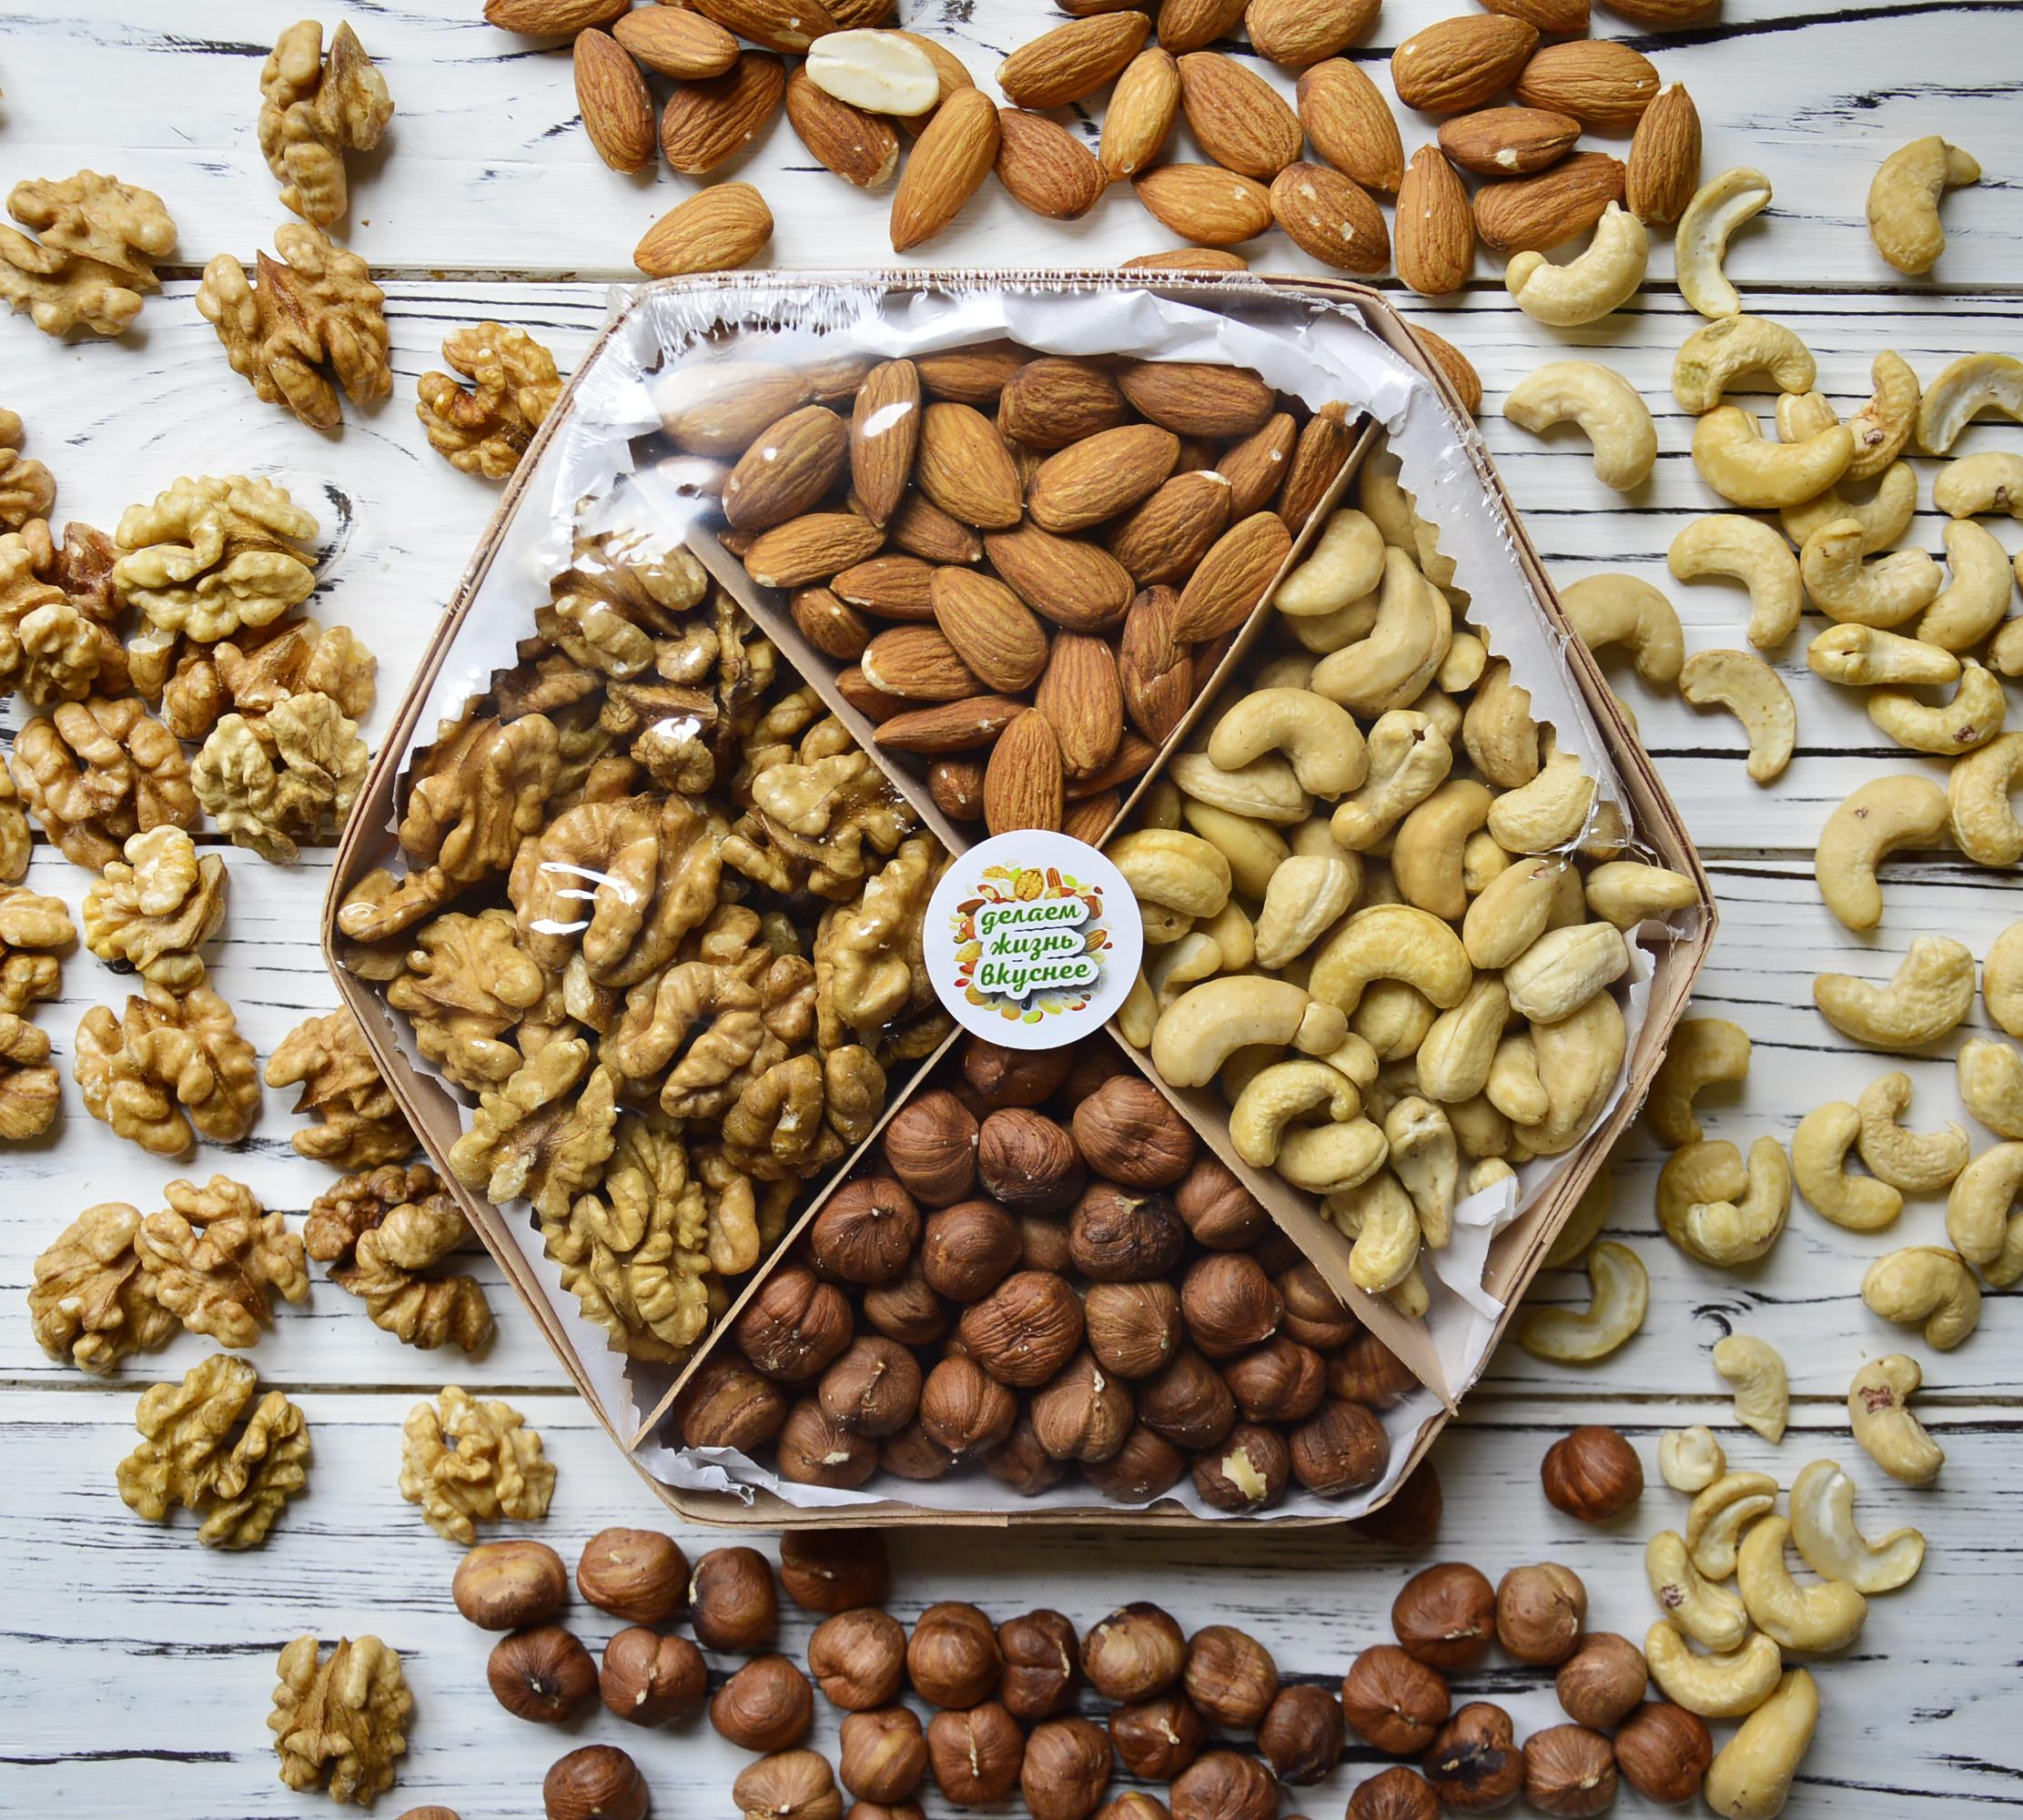 орехи россии фото с названиями выбор пользу многоцелевых